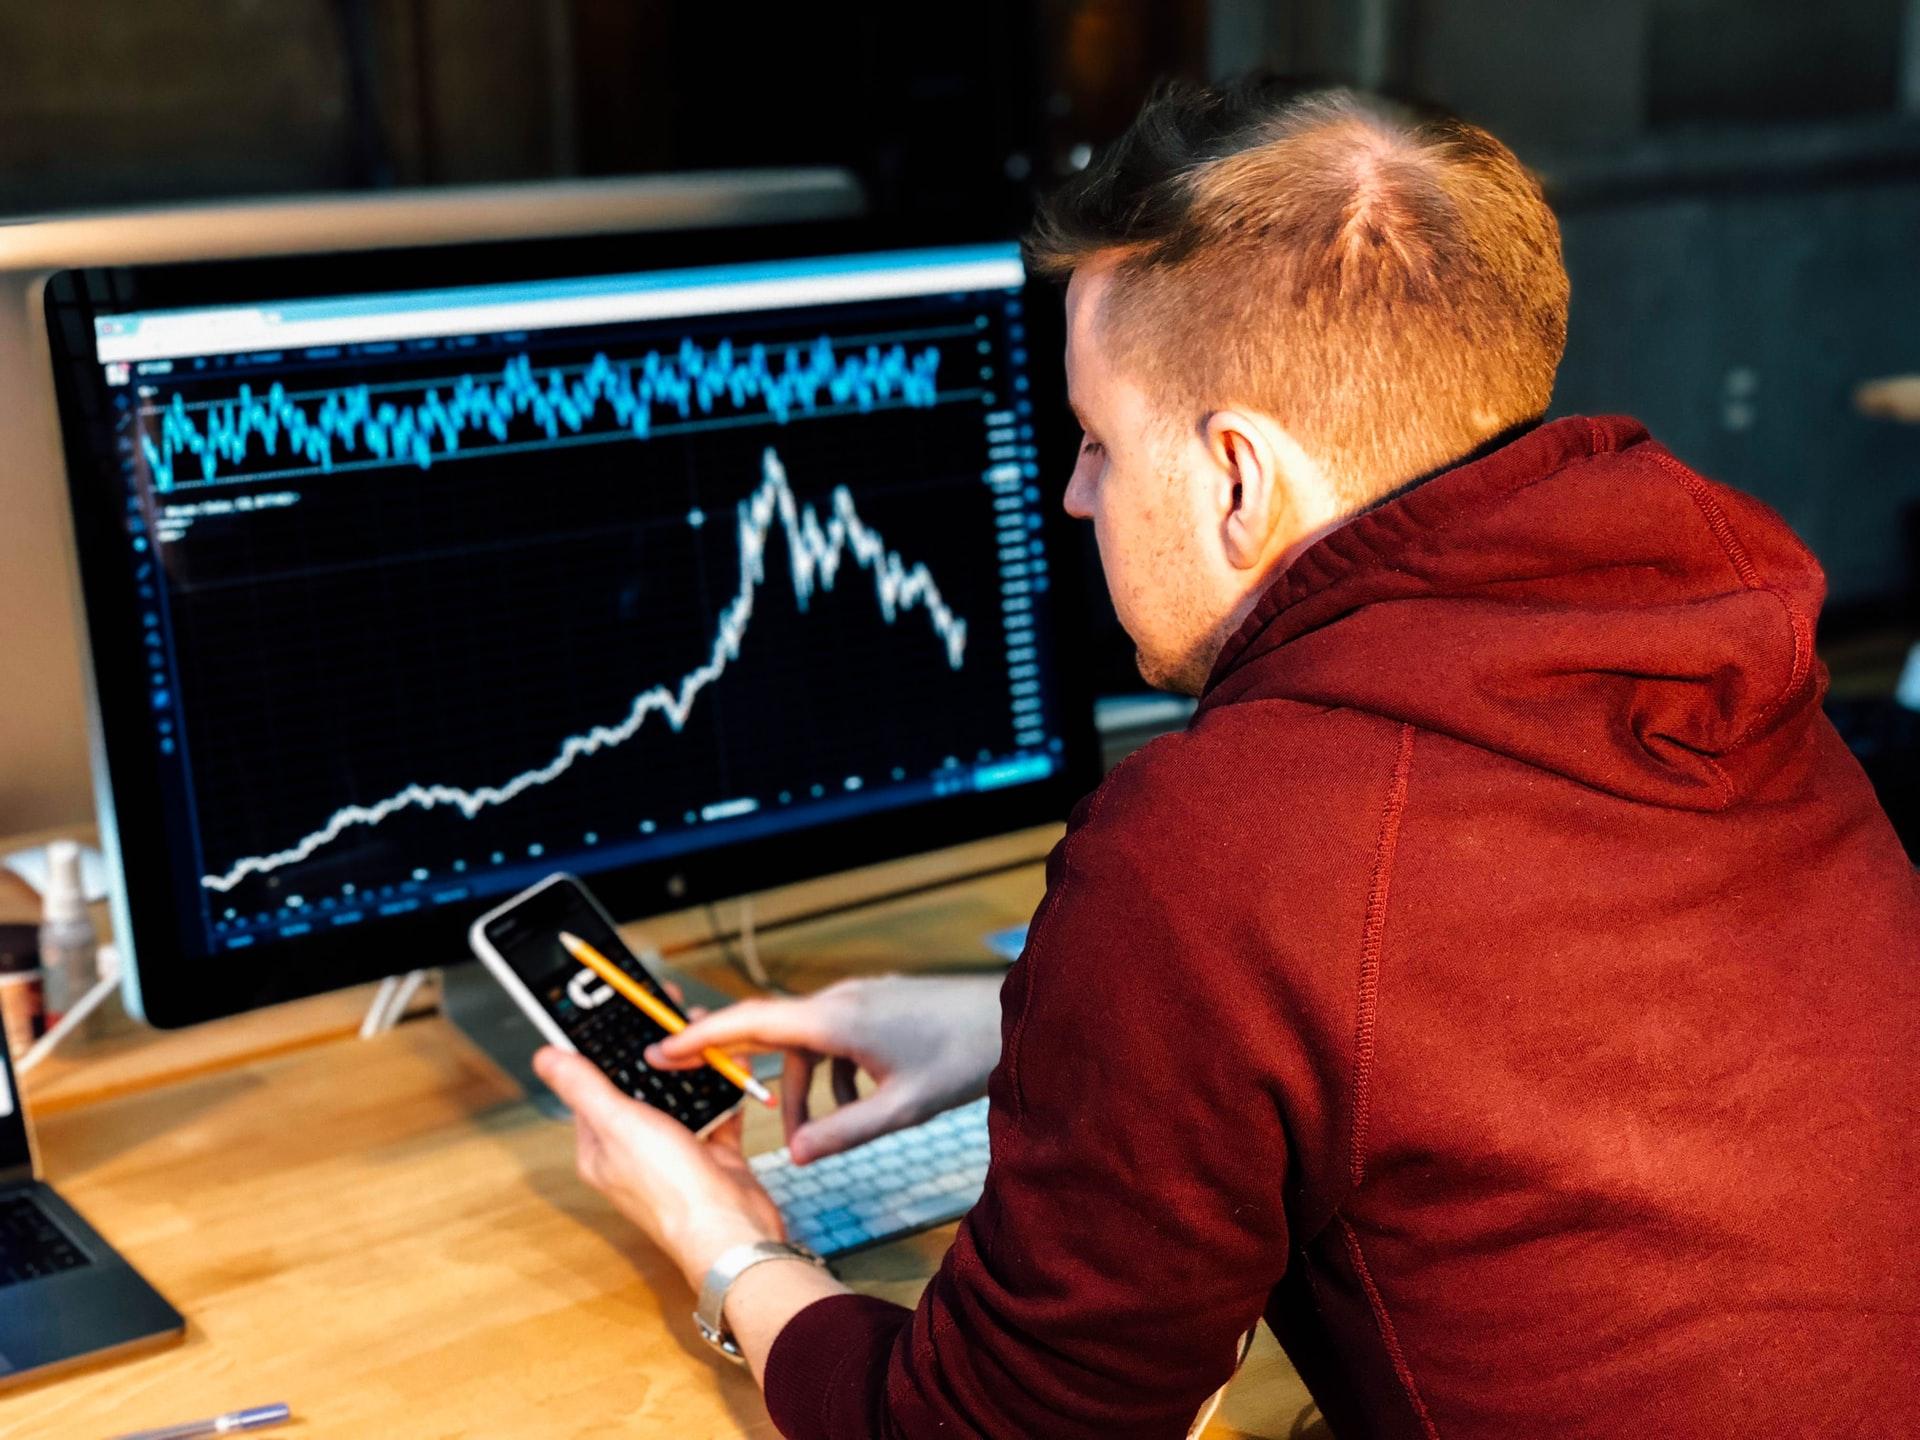 Ринок data analytics має зрости майже уп'ятеро до 2025 року